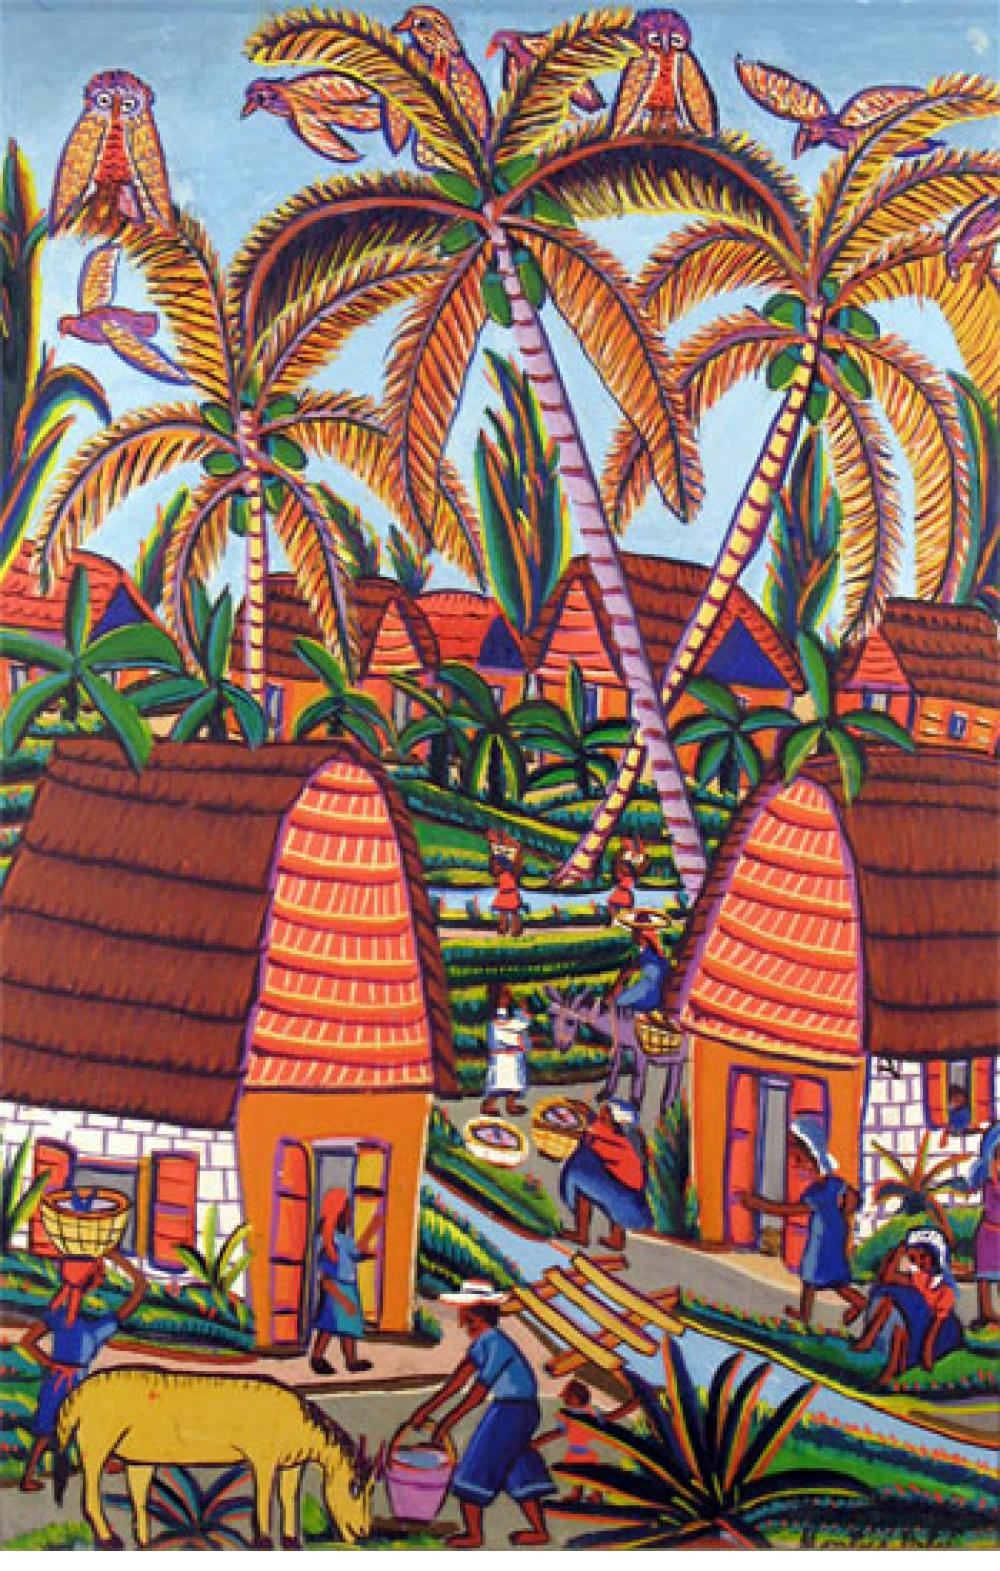 Haitian Art: Old Masters and New Visions | Indigo Arts